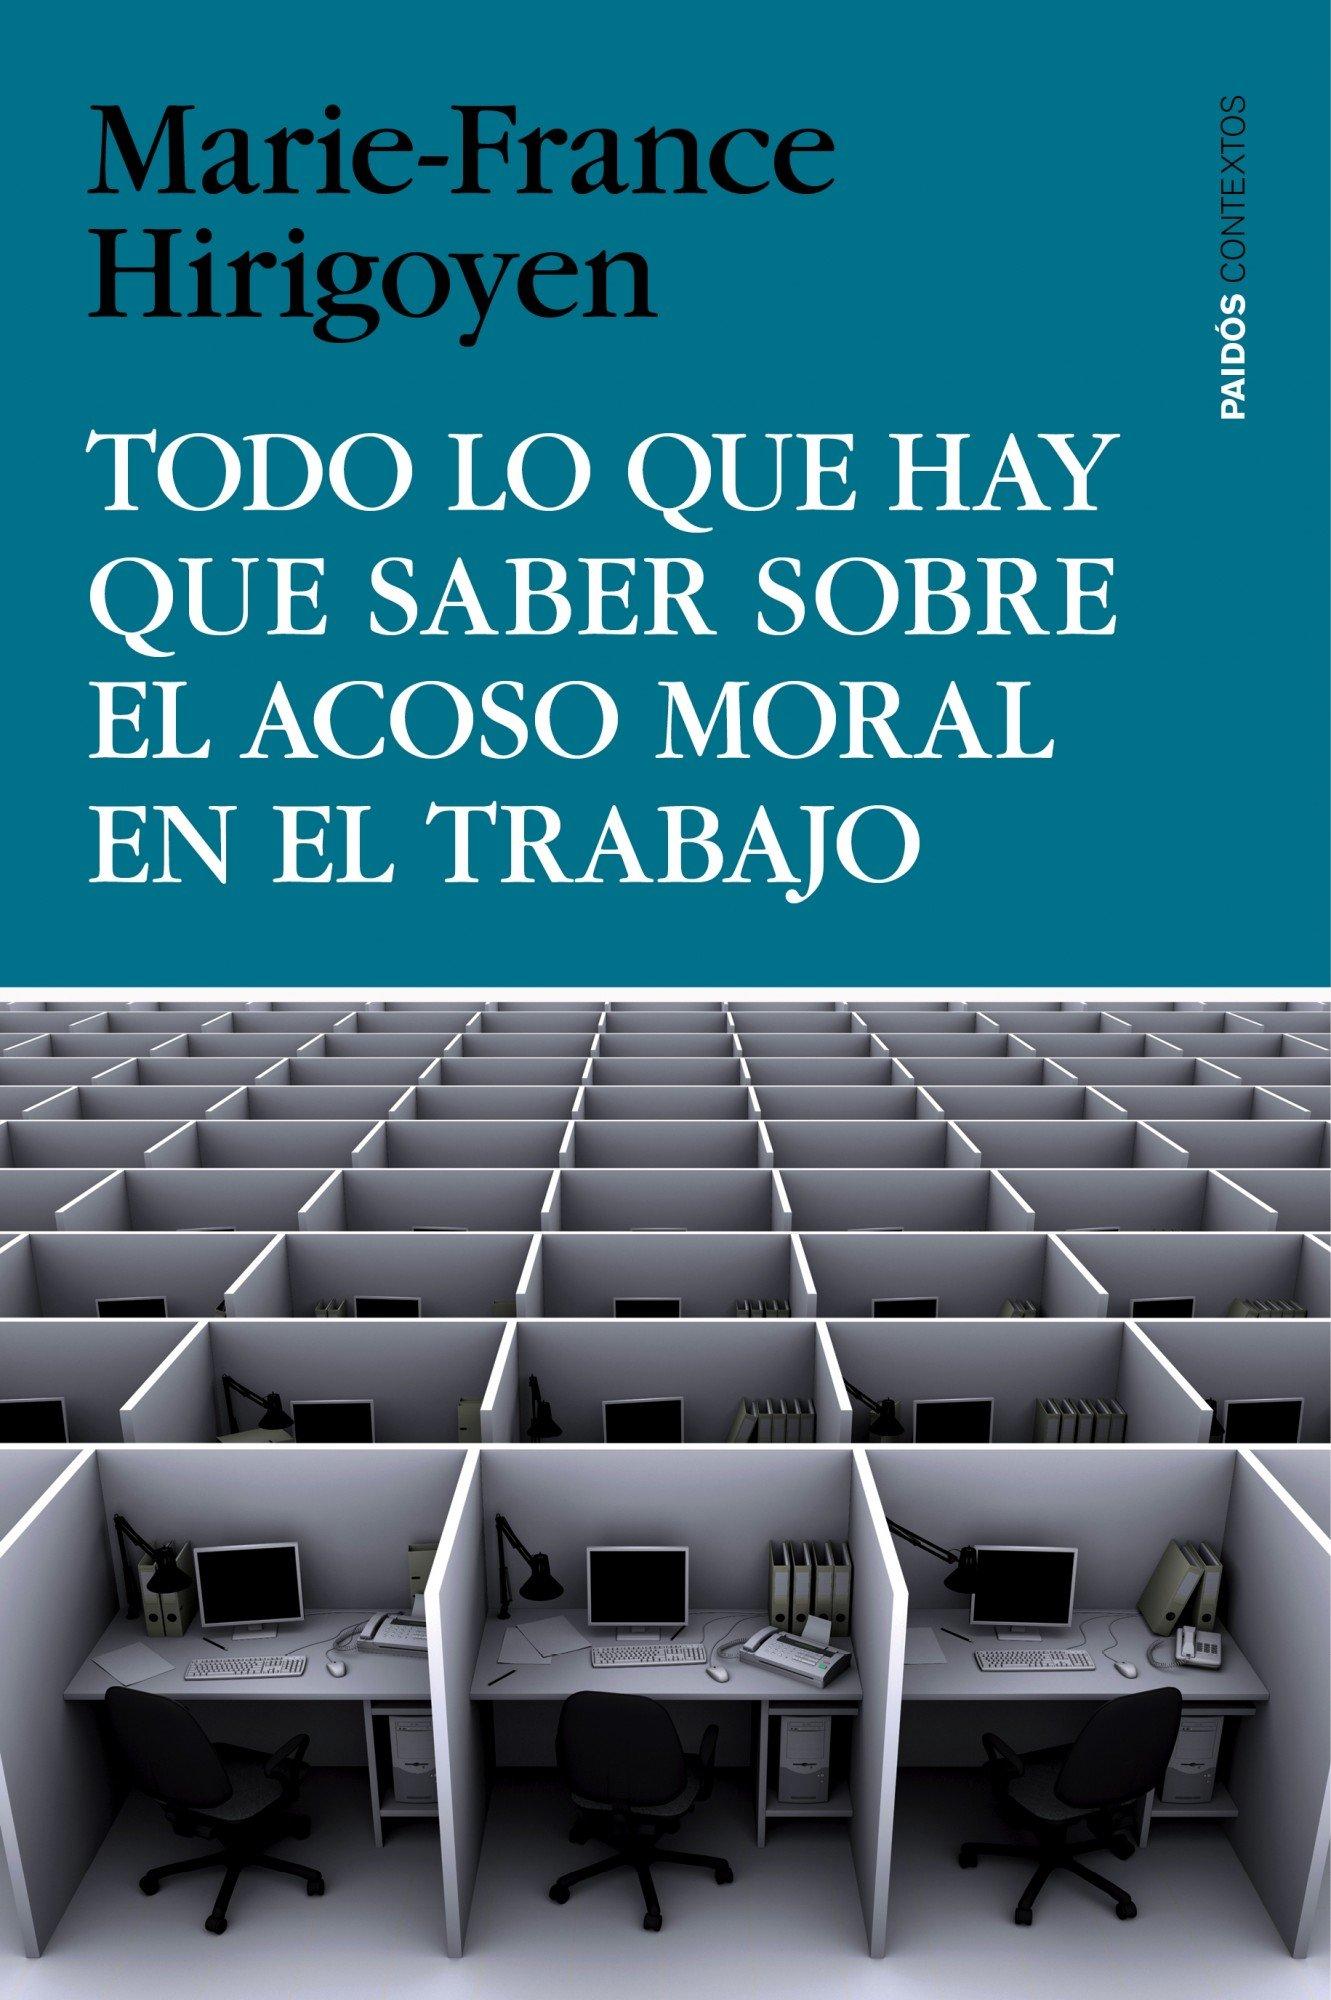 Todo Lo Que Hay Que Saber Sobre El Acoso Moral En El Trabajo Contextos Spanish Edition Hirigoyen Marie France Asensio Fernández Montserrat 9788449330155 Books